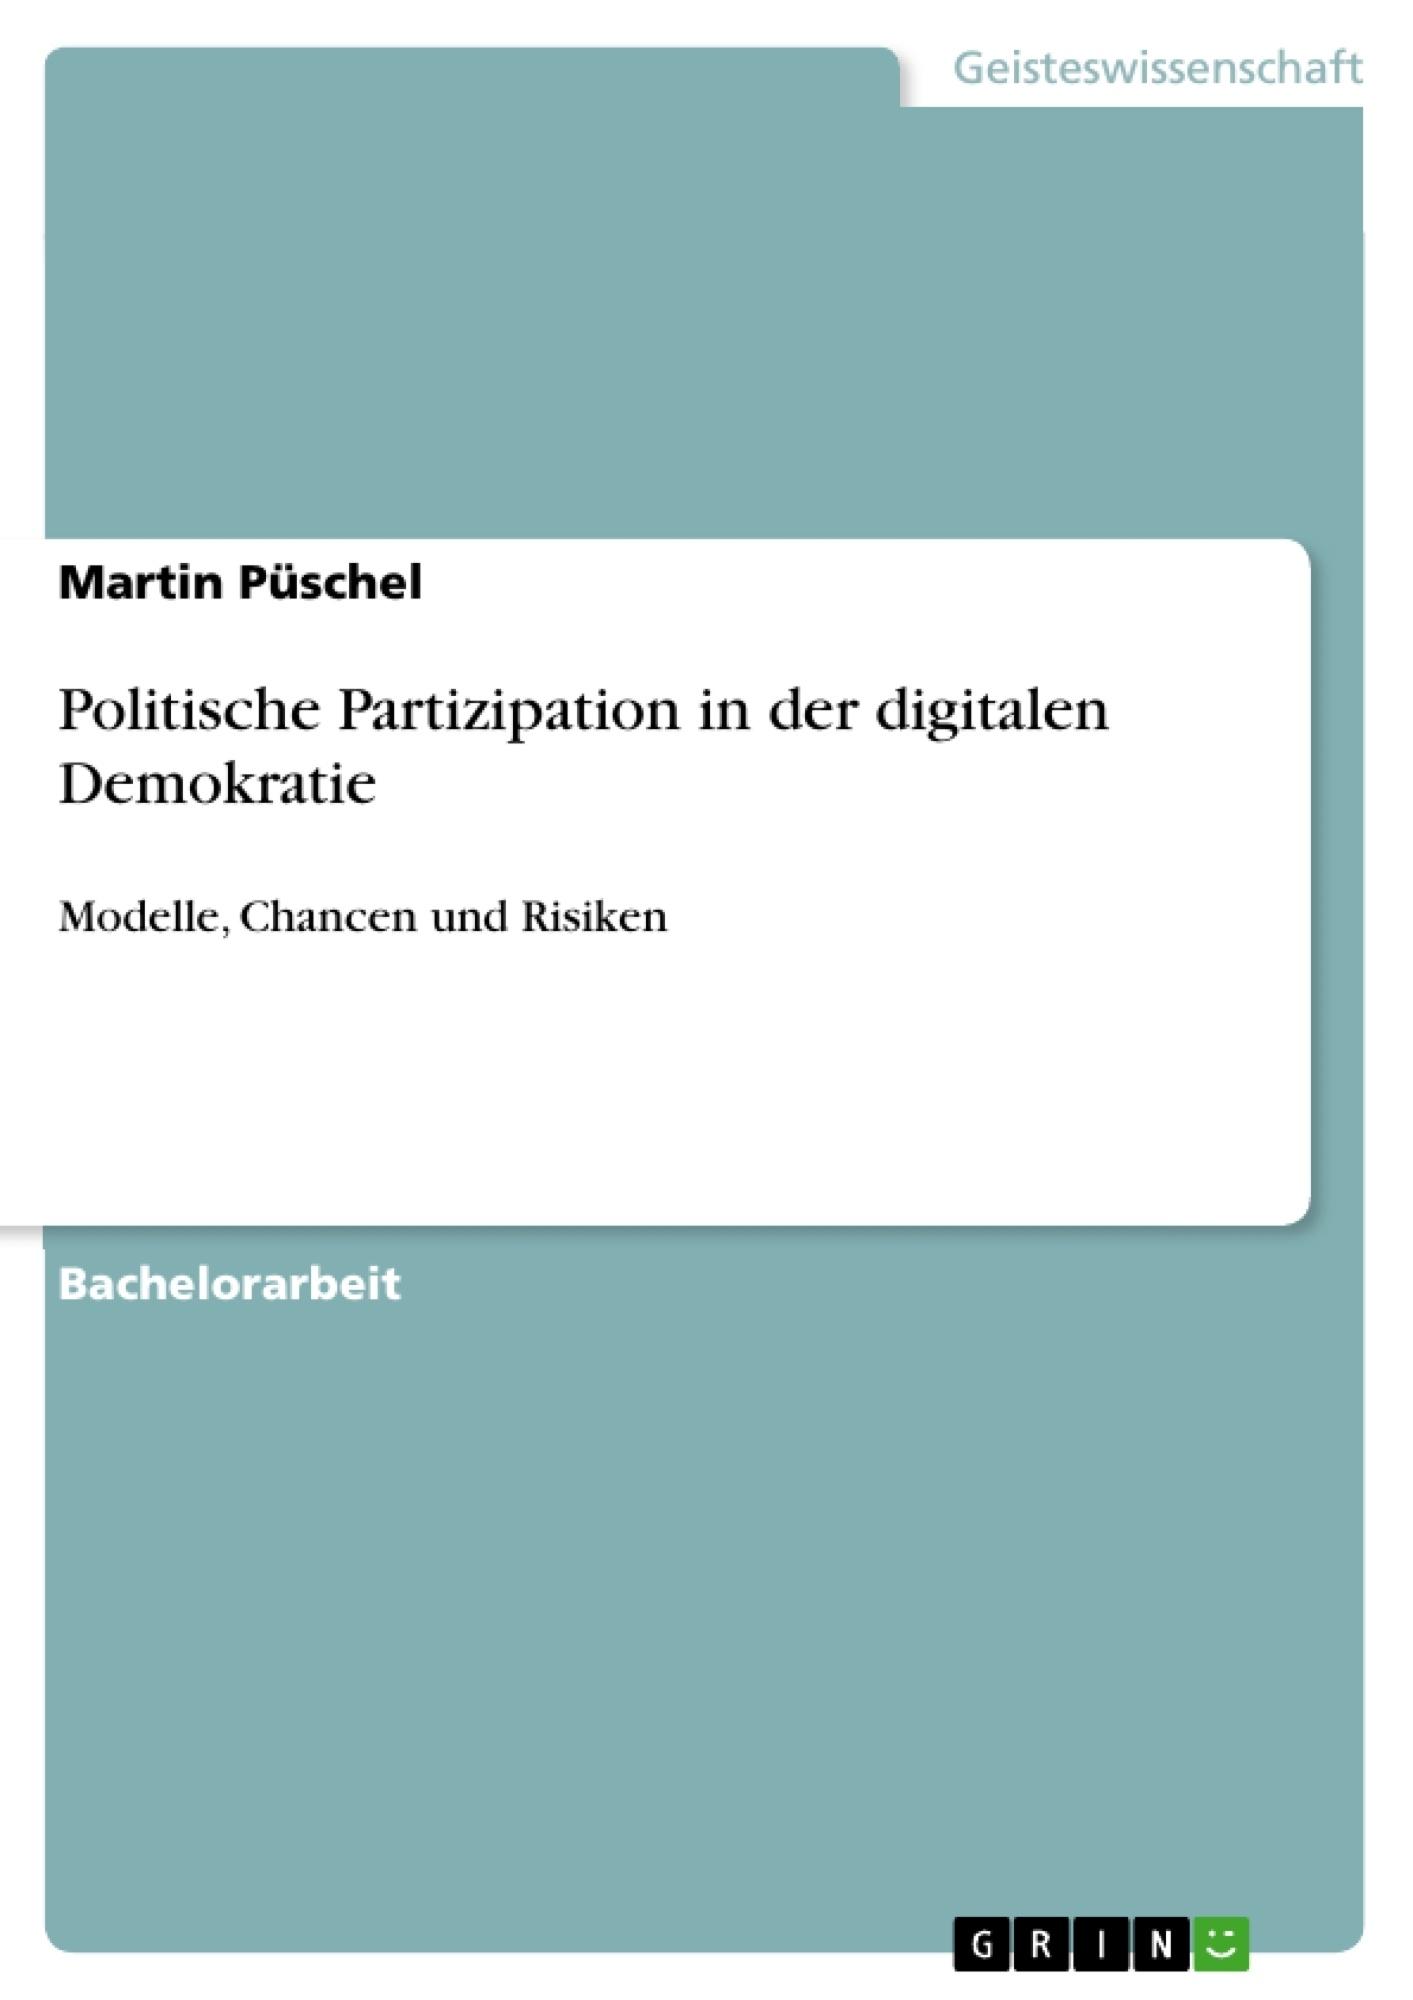 Titel: Politische Partizipation in der digitalen Demokratie